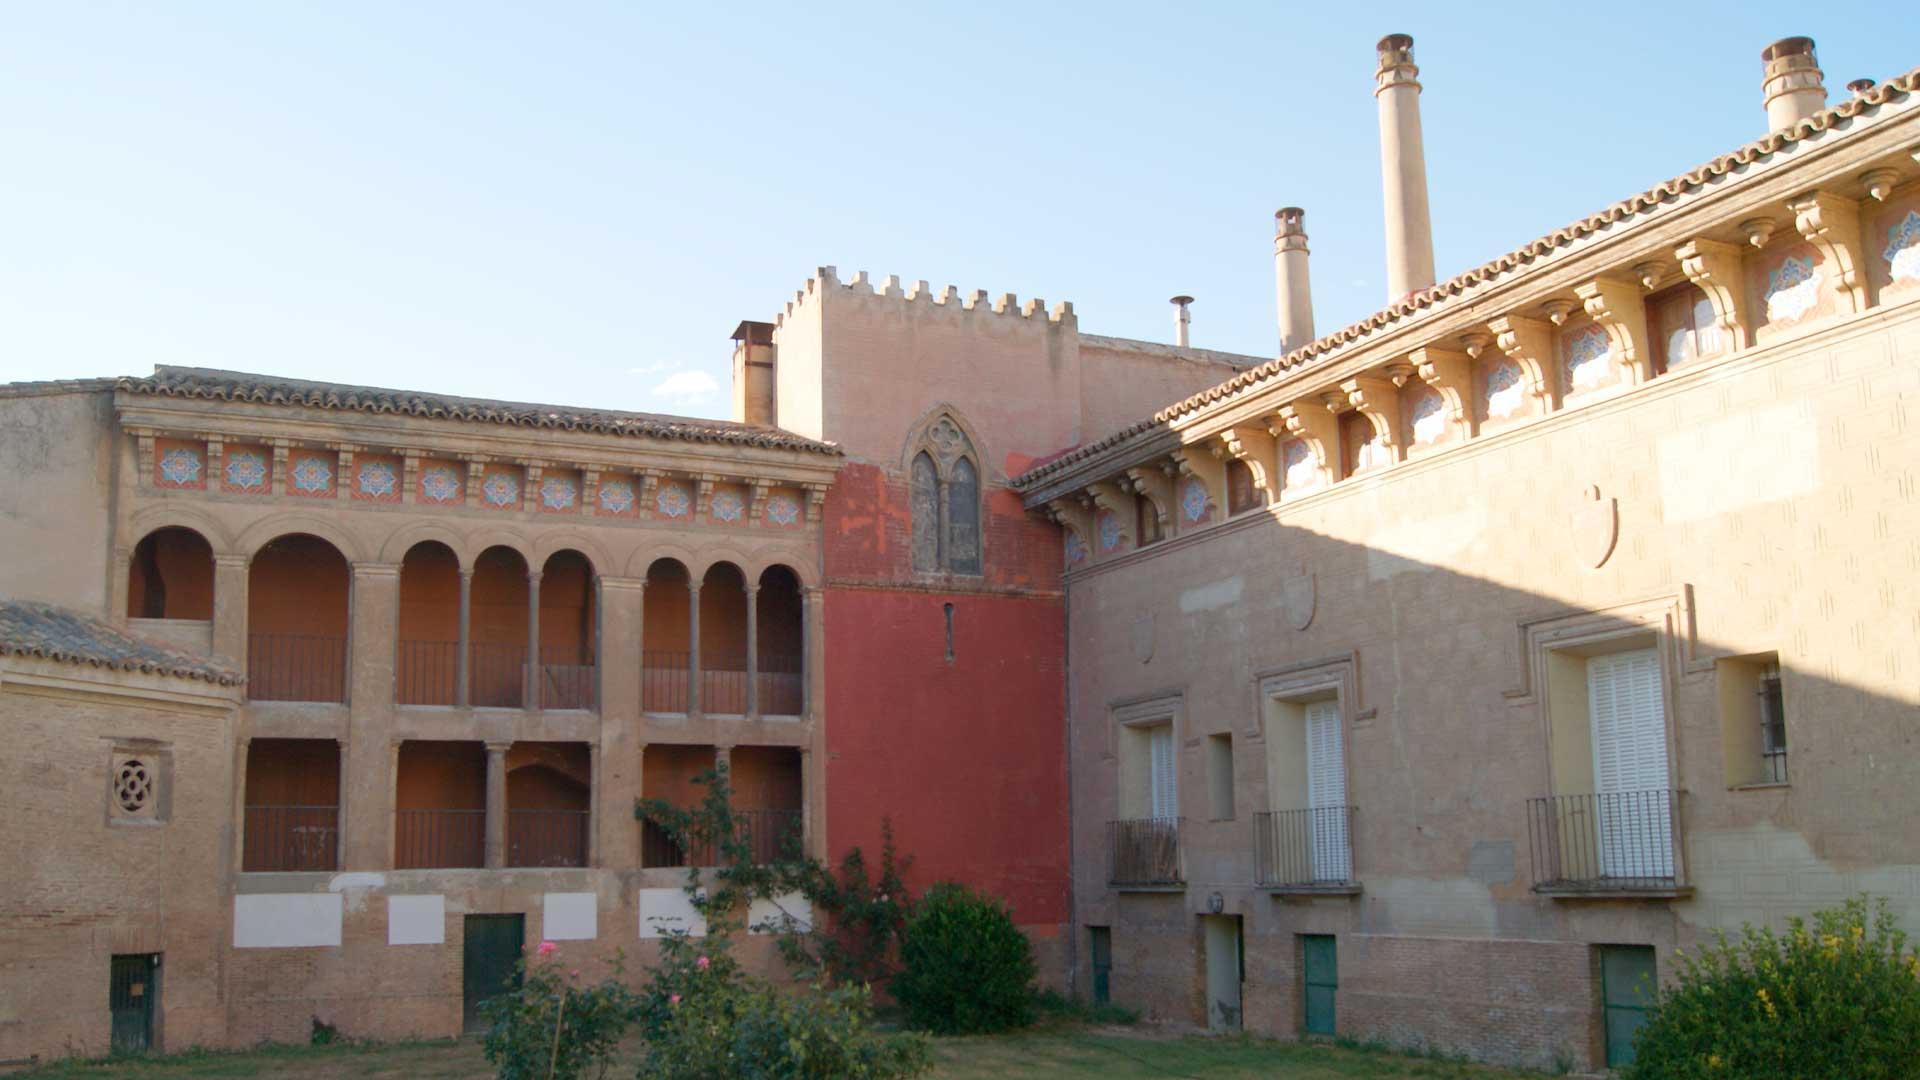 Patio central del palacio de los duques de Villahermosa de Pedrola.